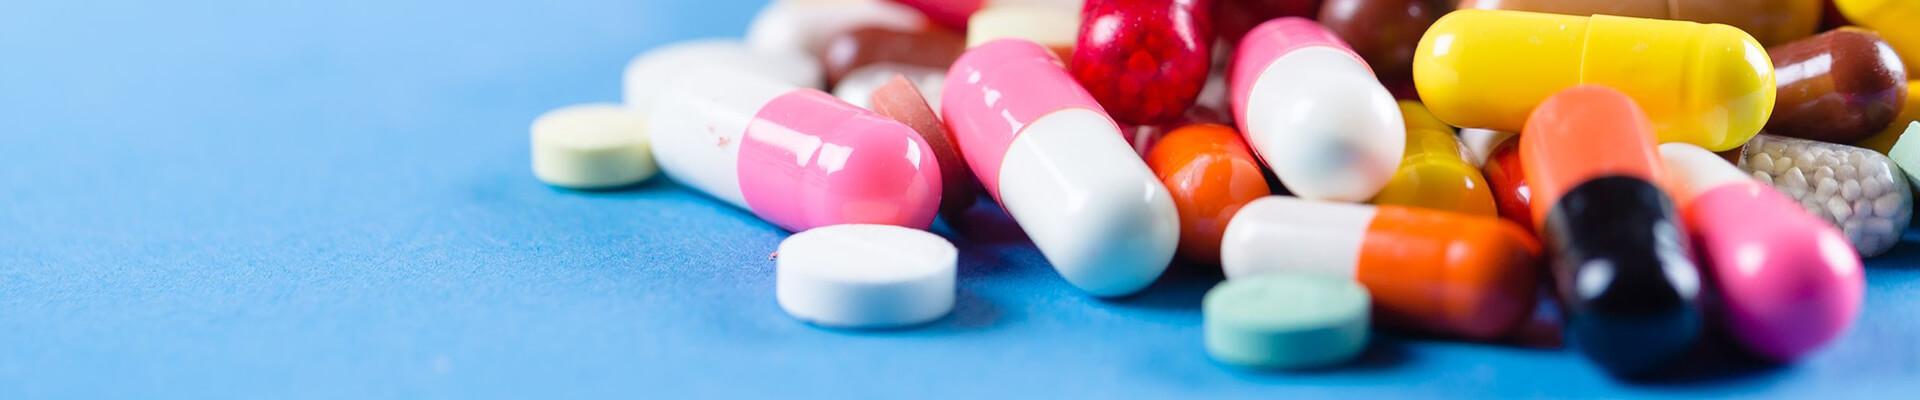 מקררים לתרופות